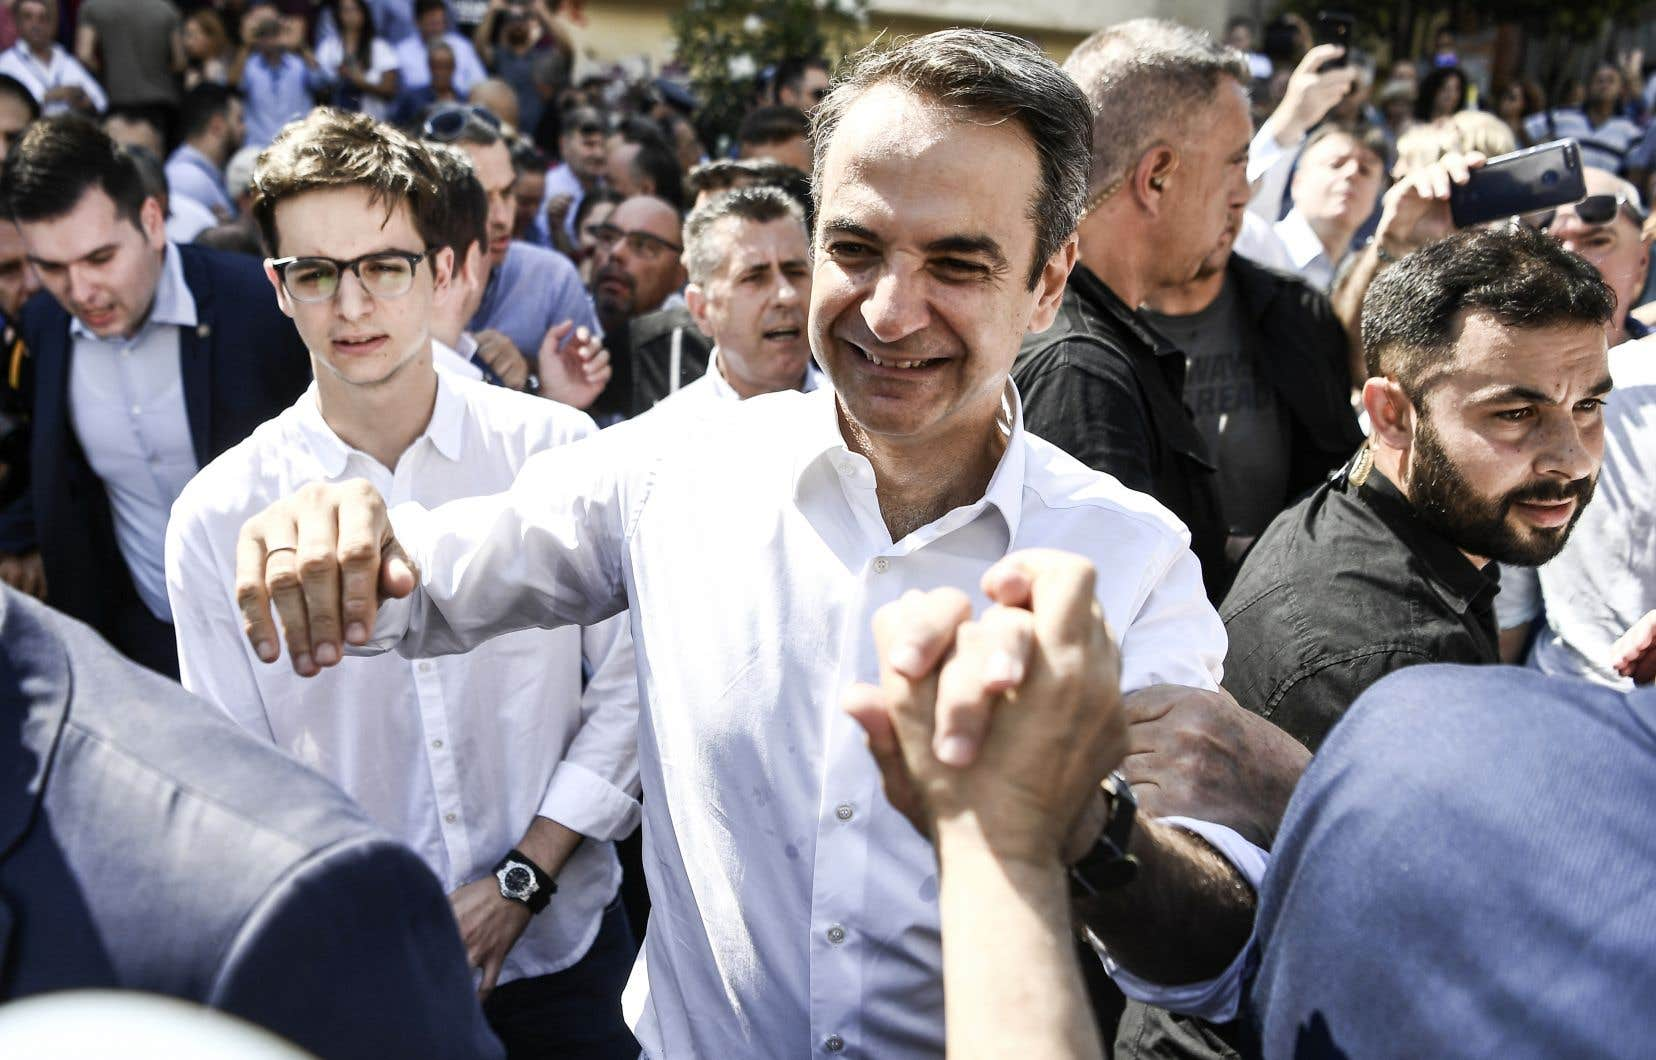 Kyriakos Mitsotakis,président de la Nouvelle Démocratie, le principal parti de droite de l'échiquier politique en Grèce